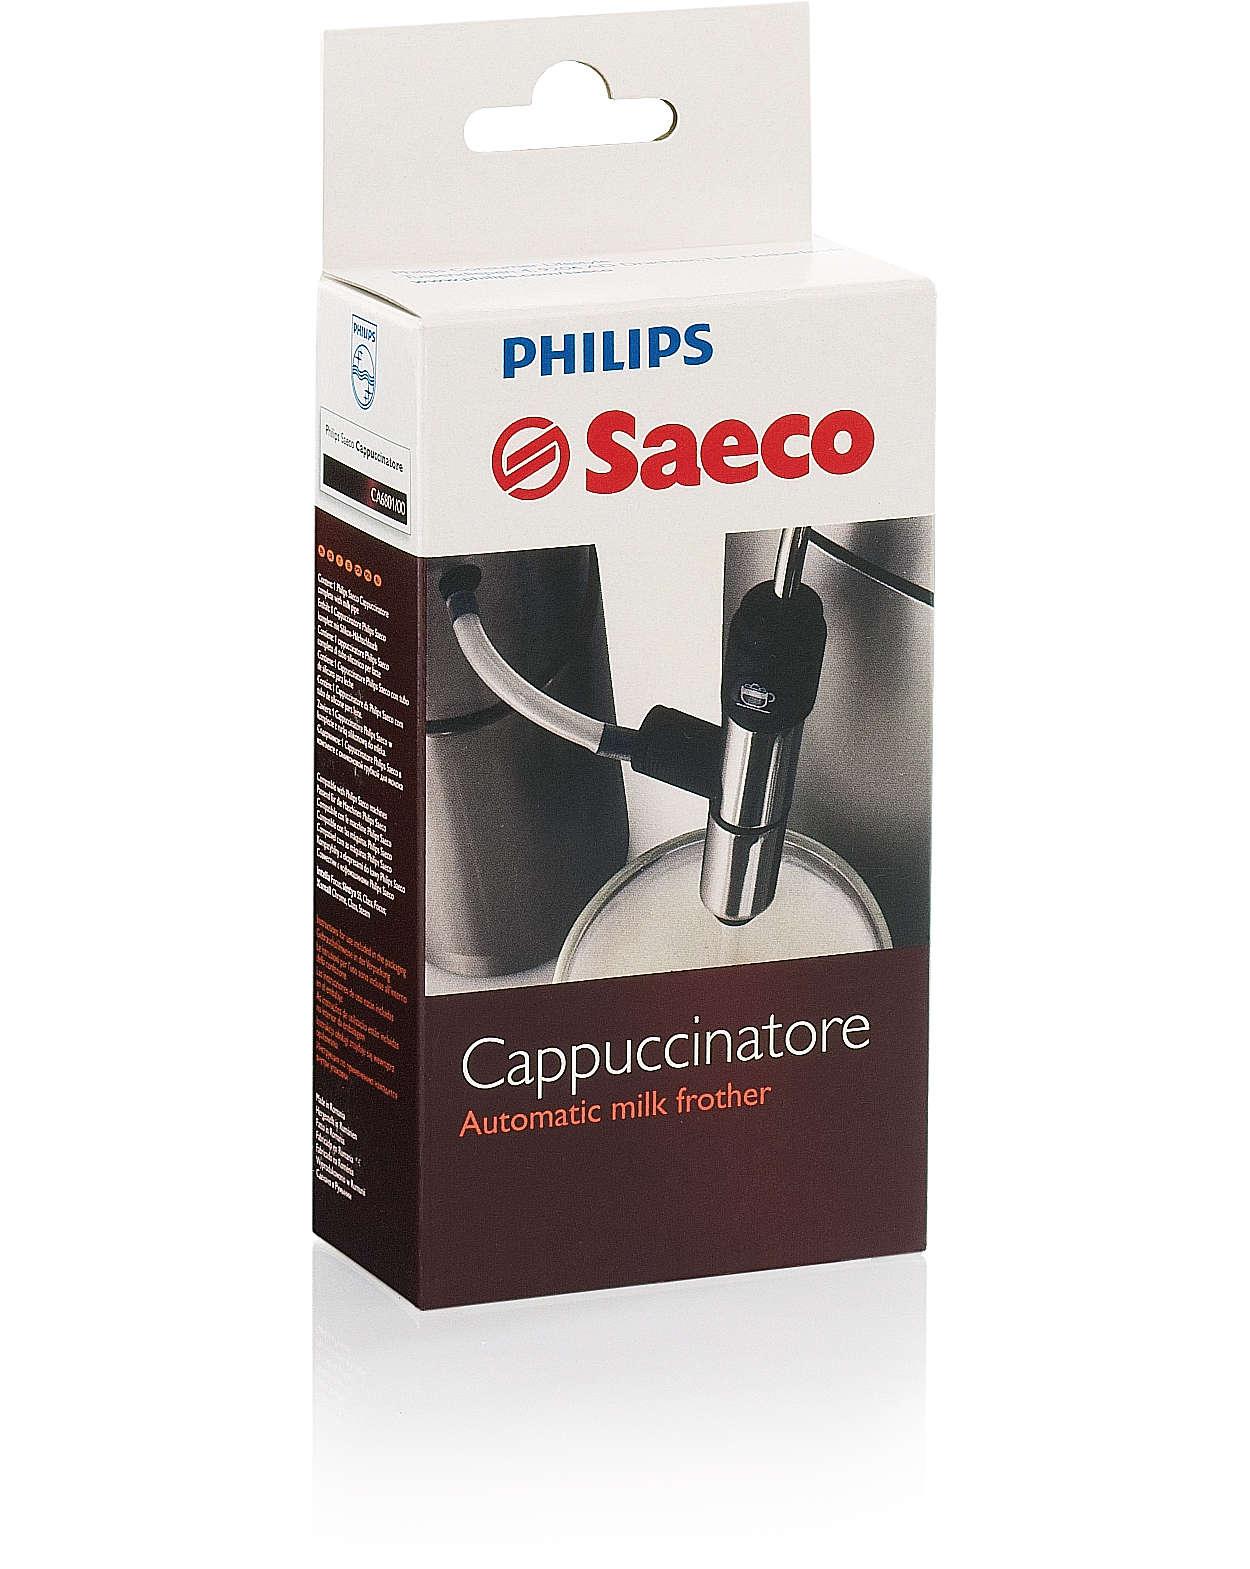 Originalni talijanski cappuccinatore za vaš Saeco